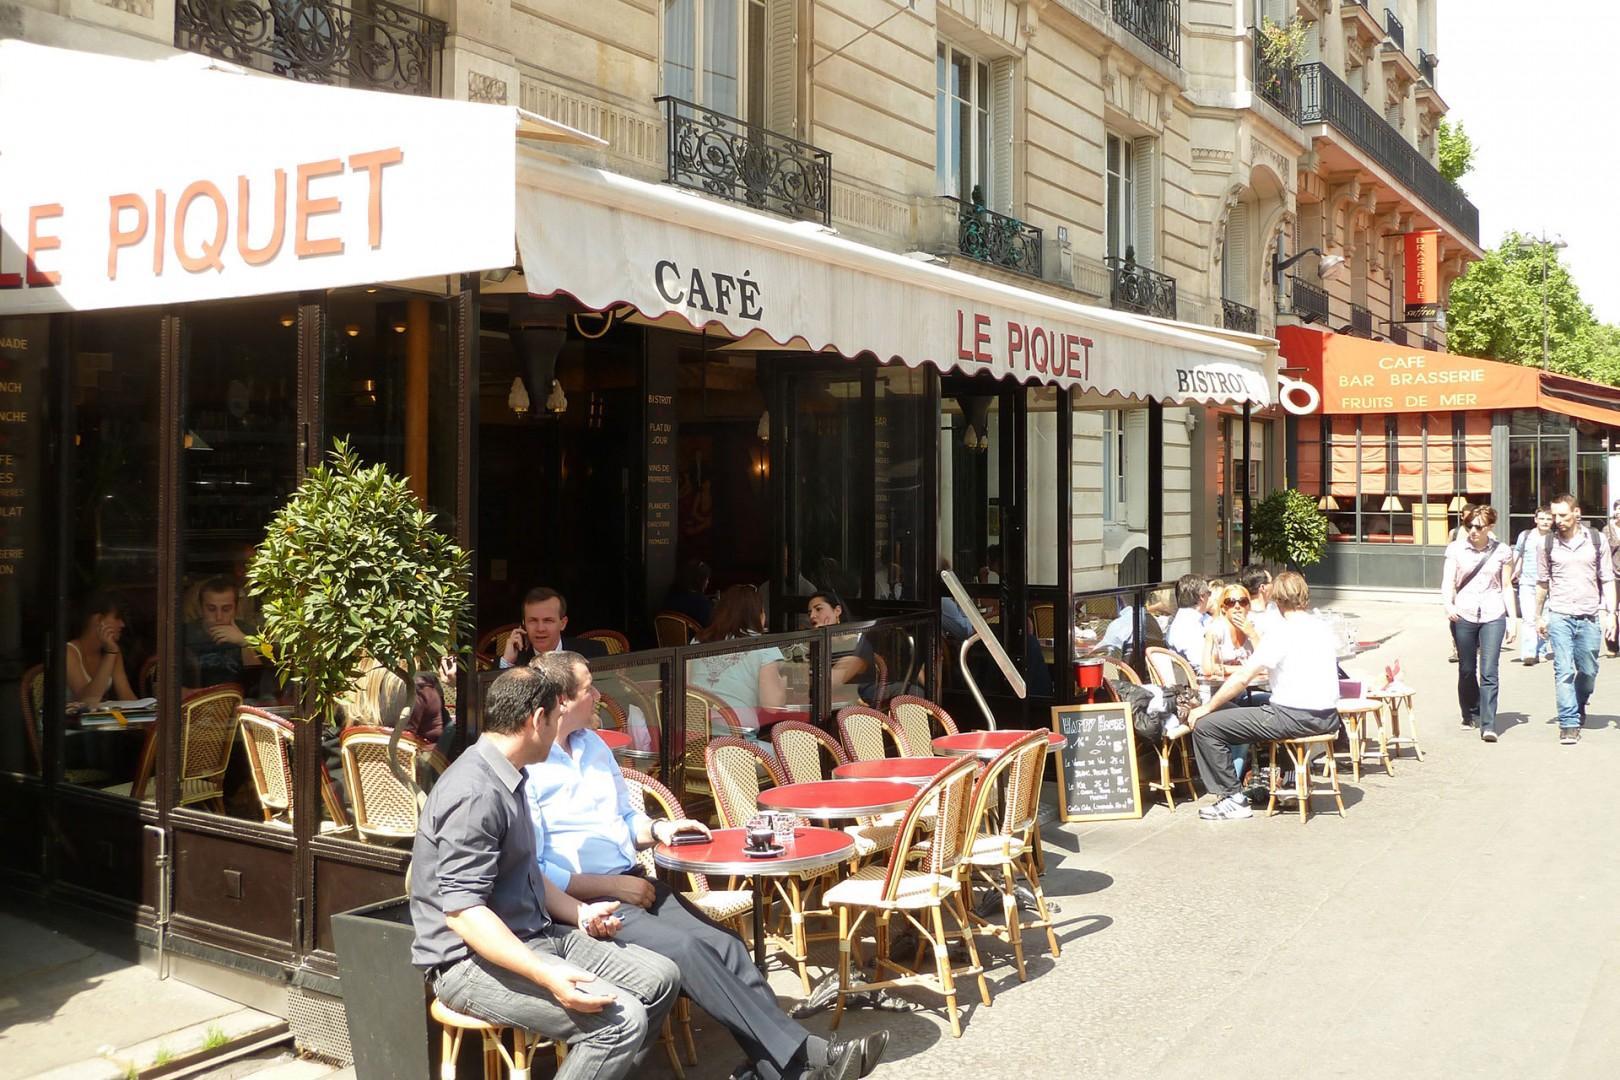 18-cafe-le-piquet-paris